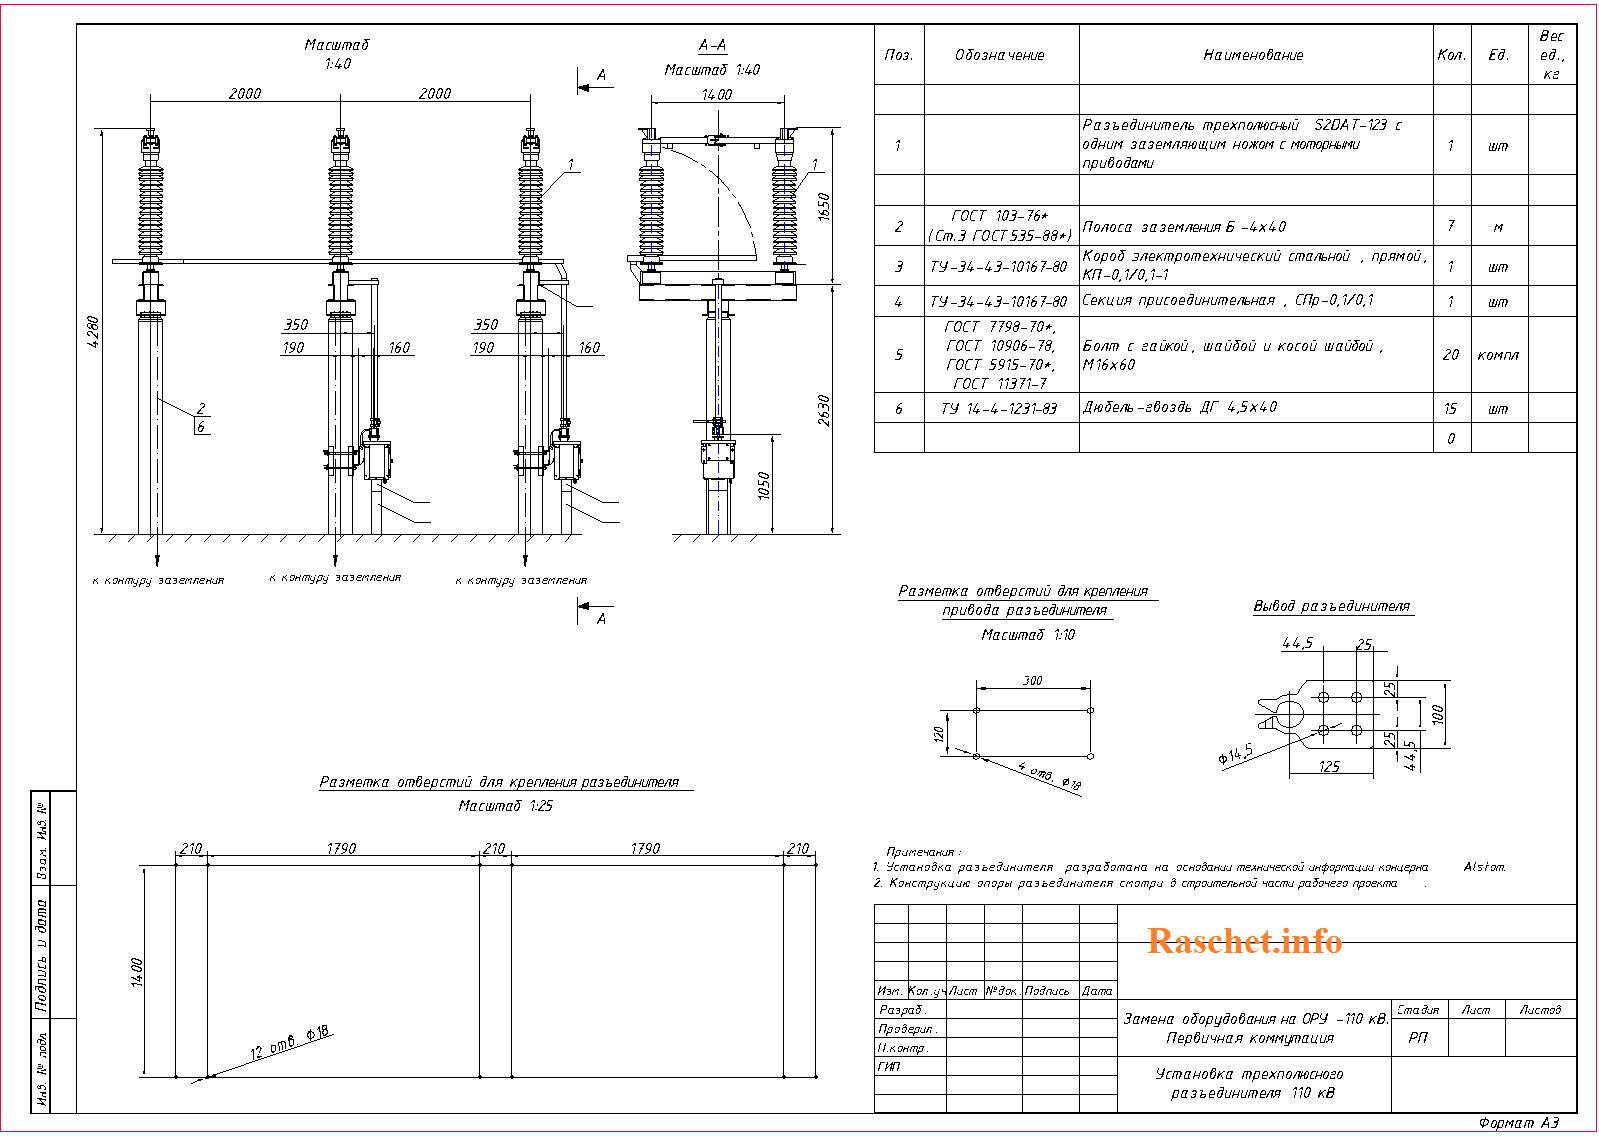 Чертеж установки разъединителя трехполюсного S2DAT-123 в формате dwg